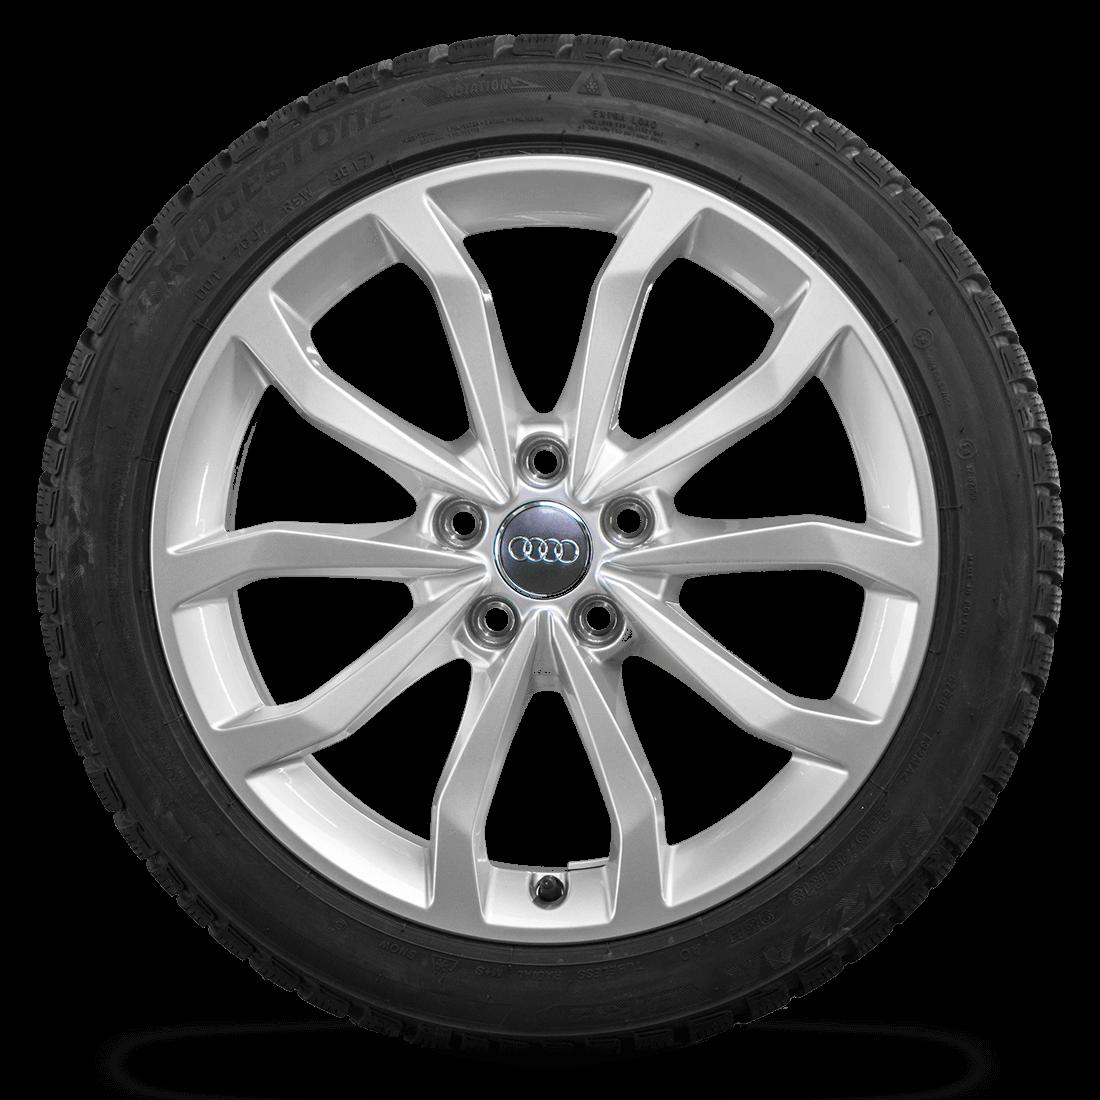 Audi A4 S4 8W 18 Zoll Winterkompletträder Felgen Winterreifen Winterräder 7 mm